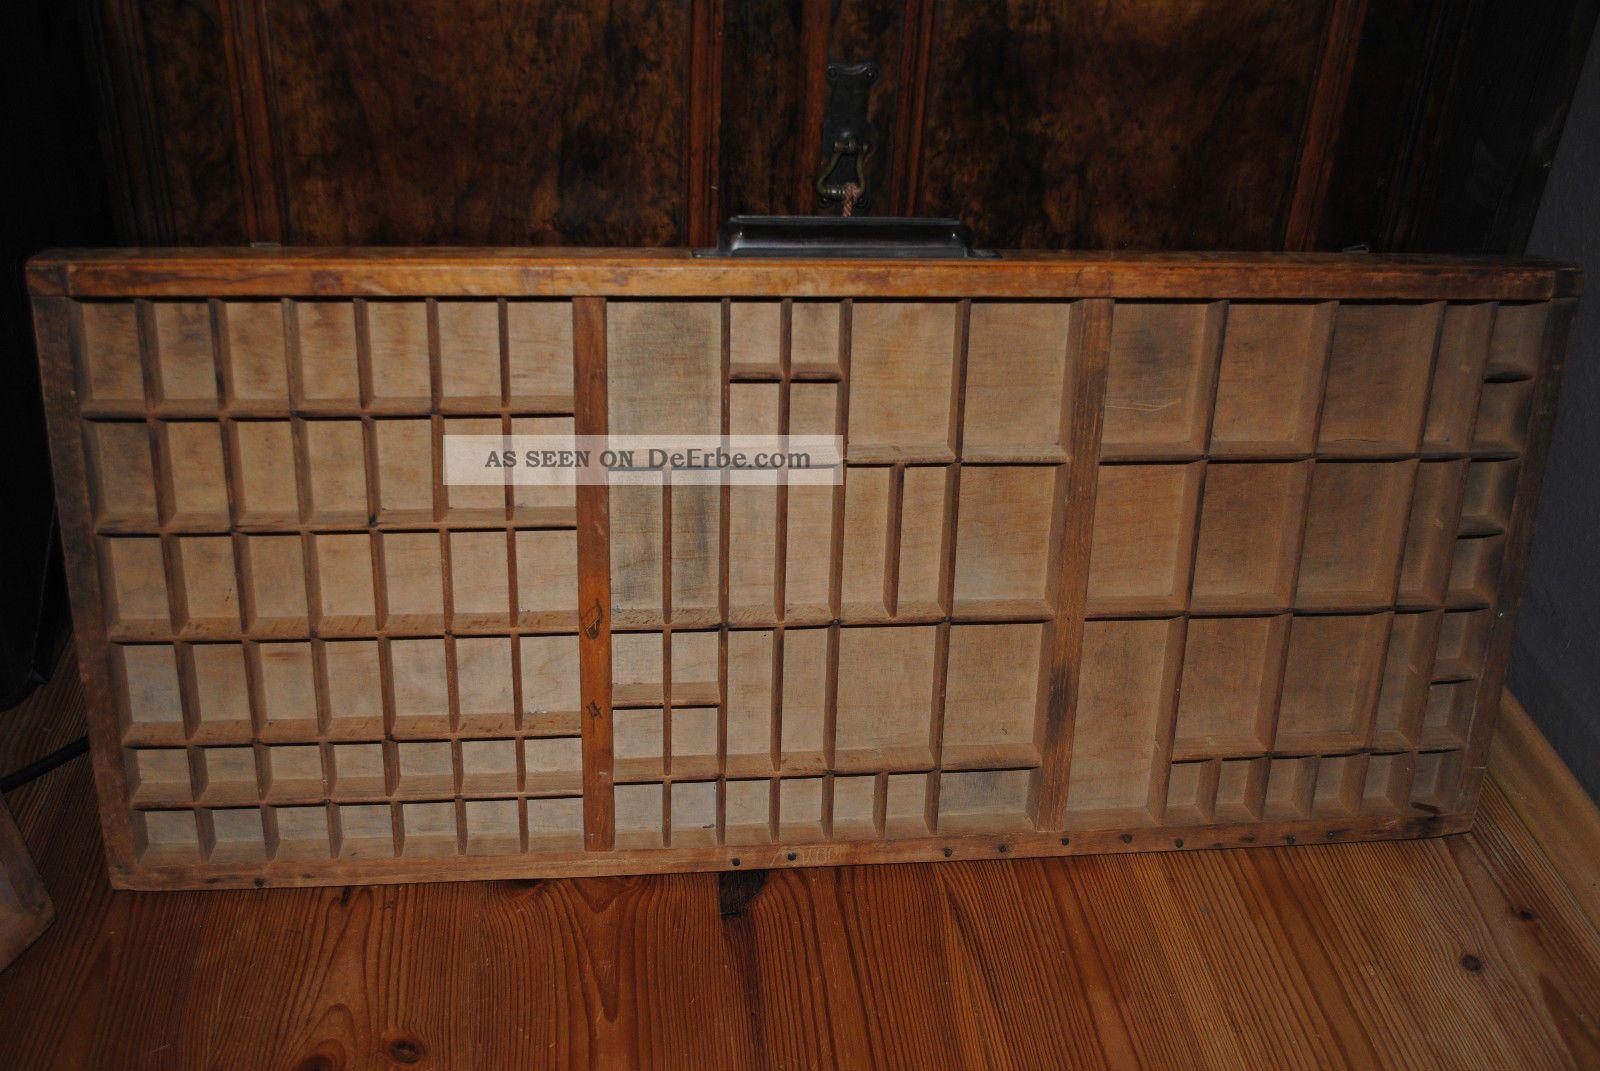 Sammelkasten Setzkasten Vitrine Holz Glas ~ Antiker Setzkasten Holz Massiv Regal Vitrine Sammelkasten Buchdrucker